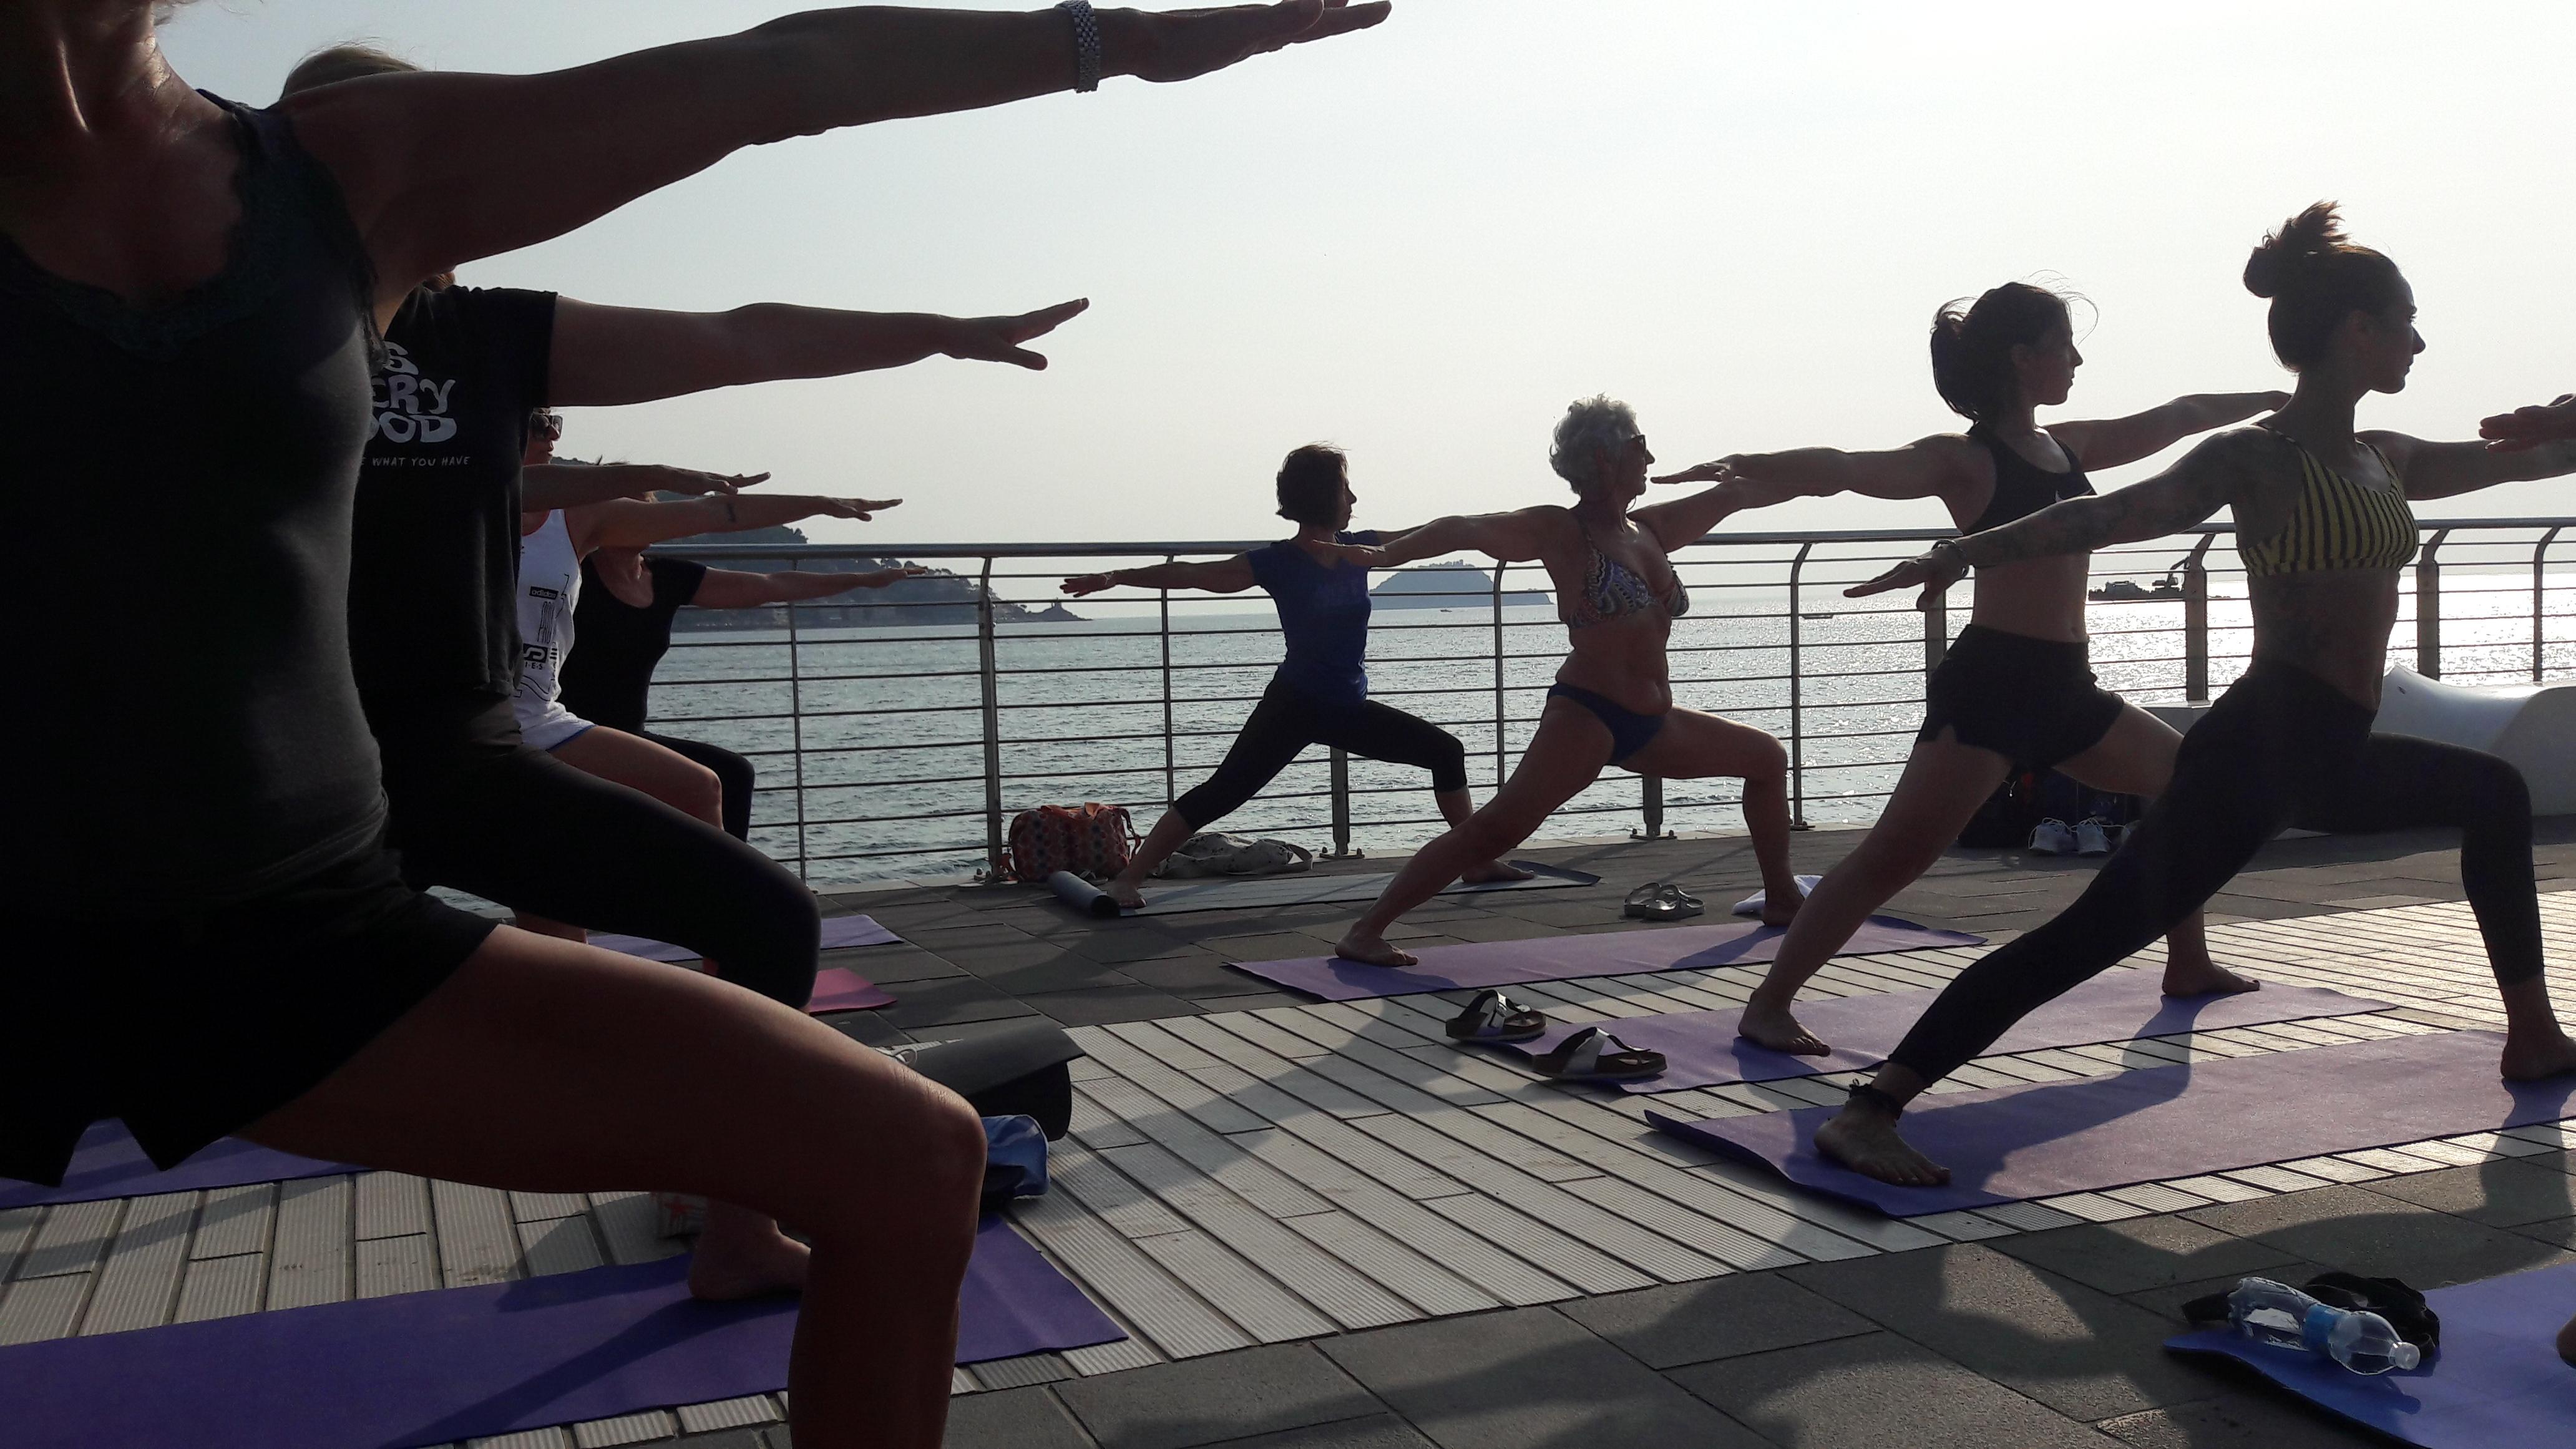 essere-free-yoga-gratuito-benessere-per-tutti-village-citta-alassio-estate-lucia-ragazzi-summer-town-wellness-